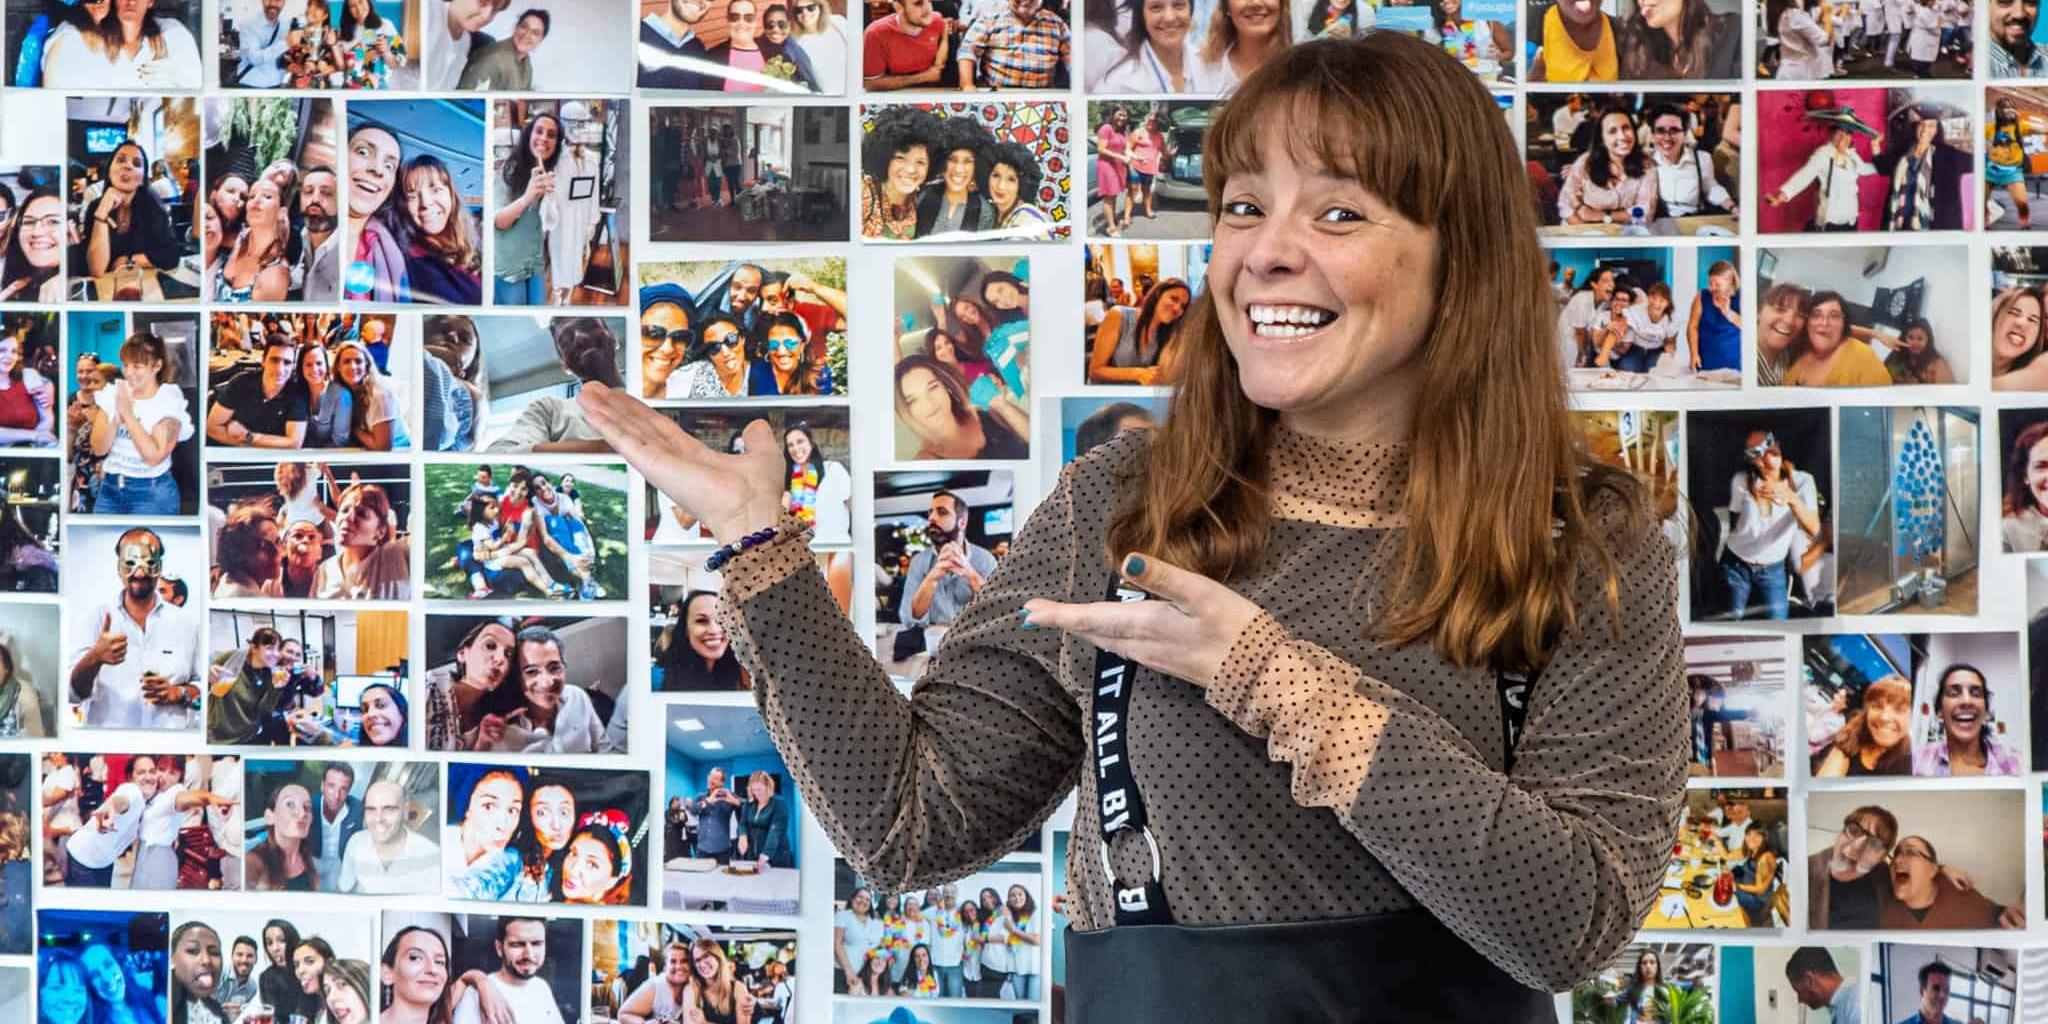 Irene Vieira Rua, diretora de Recursos Humanos do Doutor Finanças